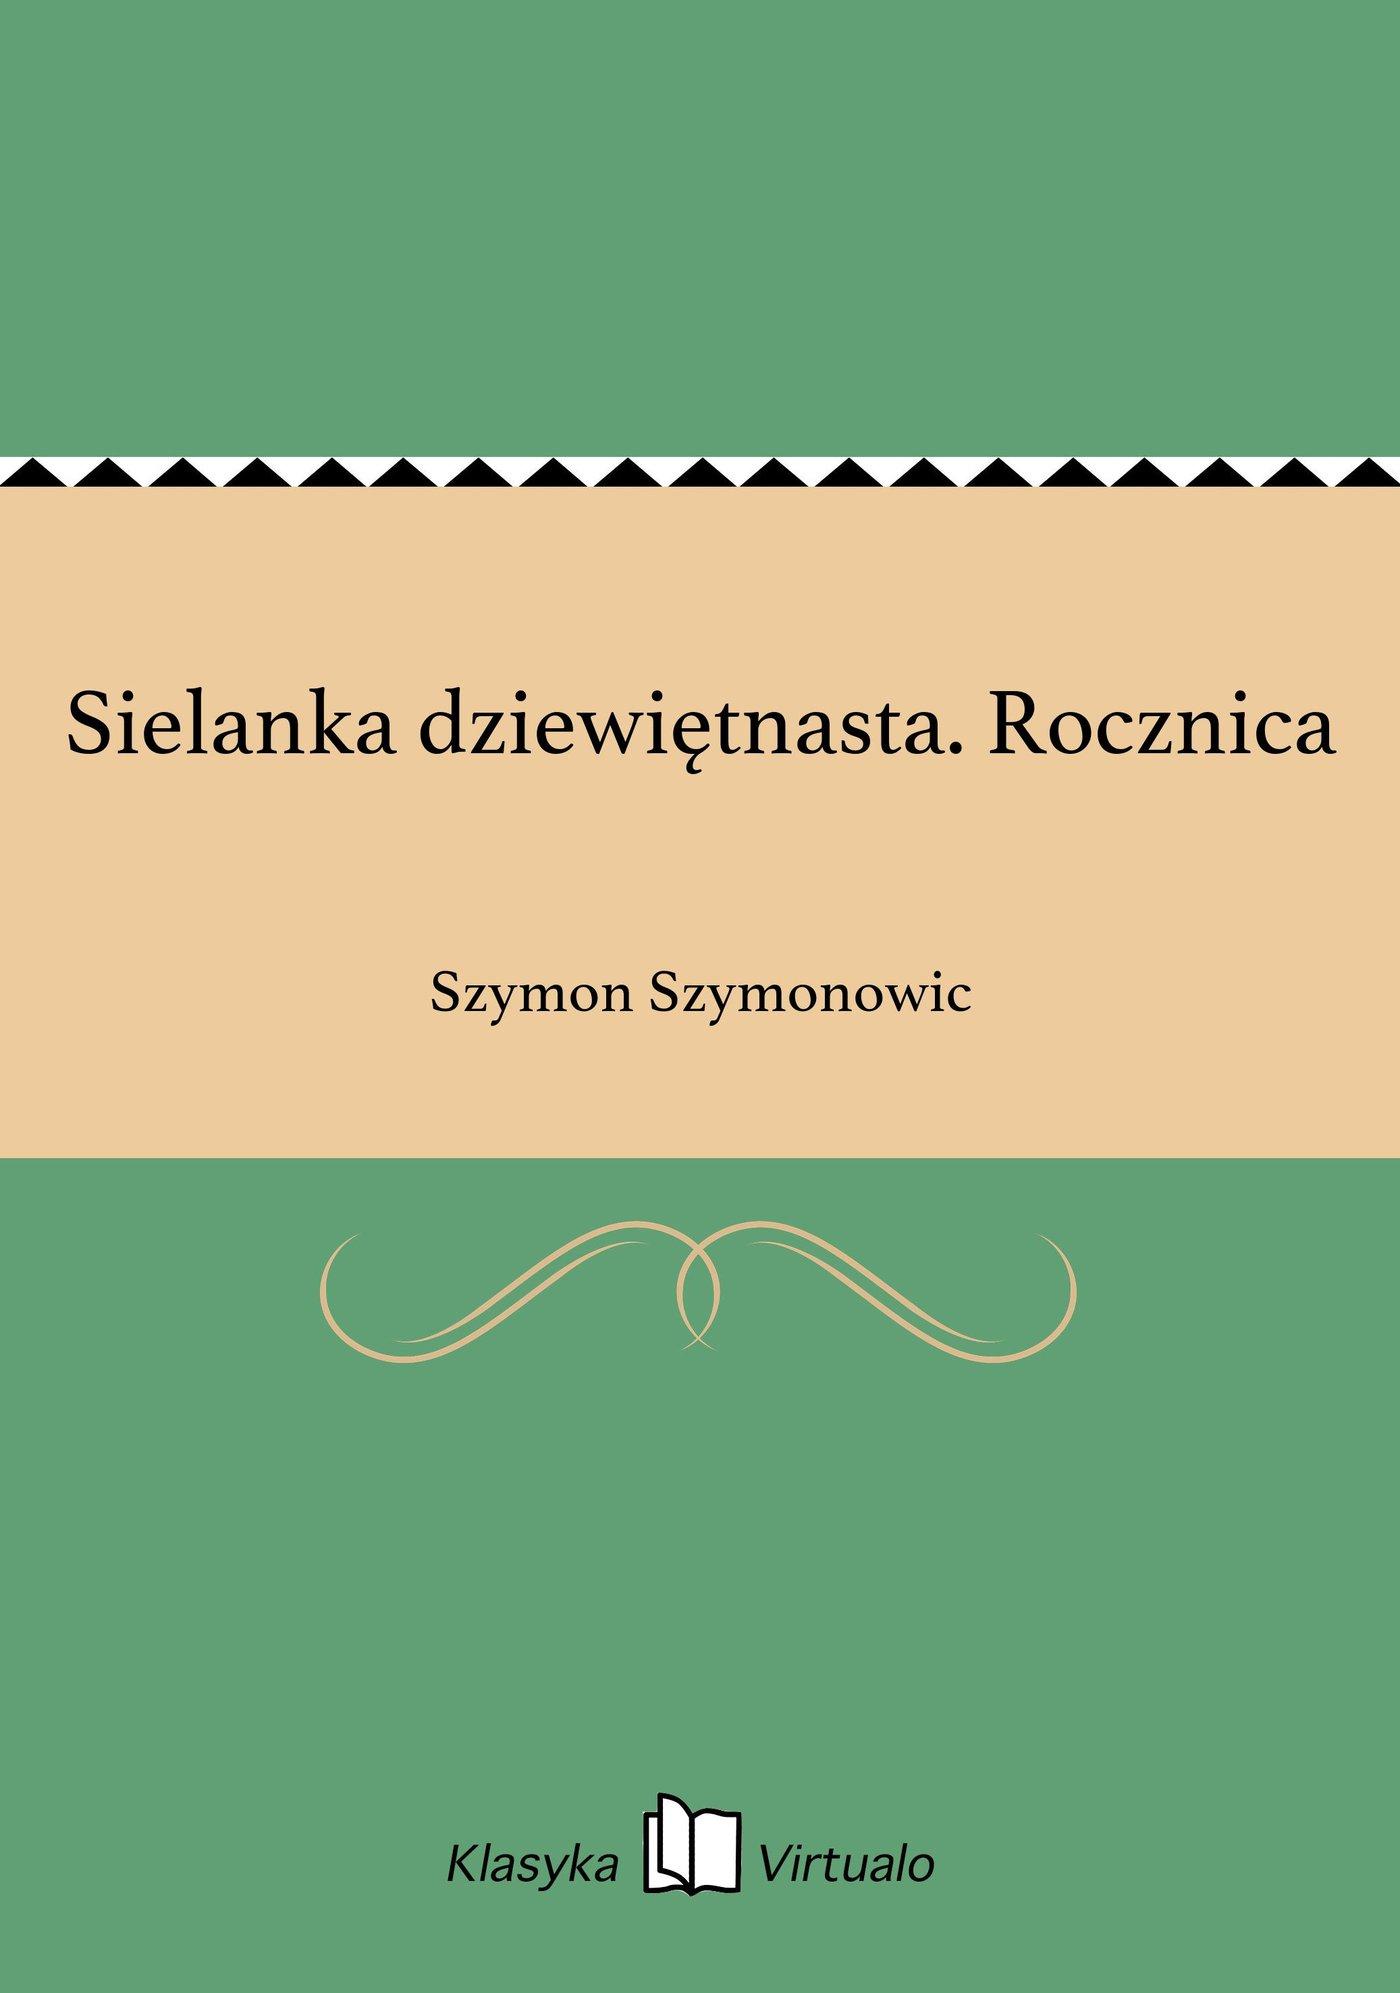 Sielanka dziewiętnasta. Rocznica - Ebook (Książka EPUB) do pobrania w formacie EPUB